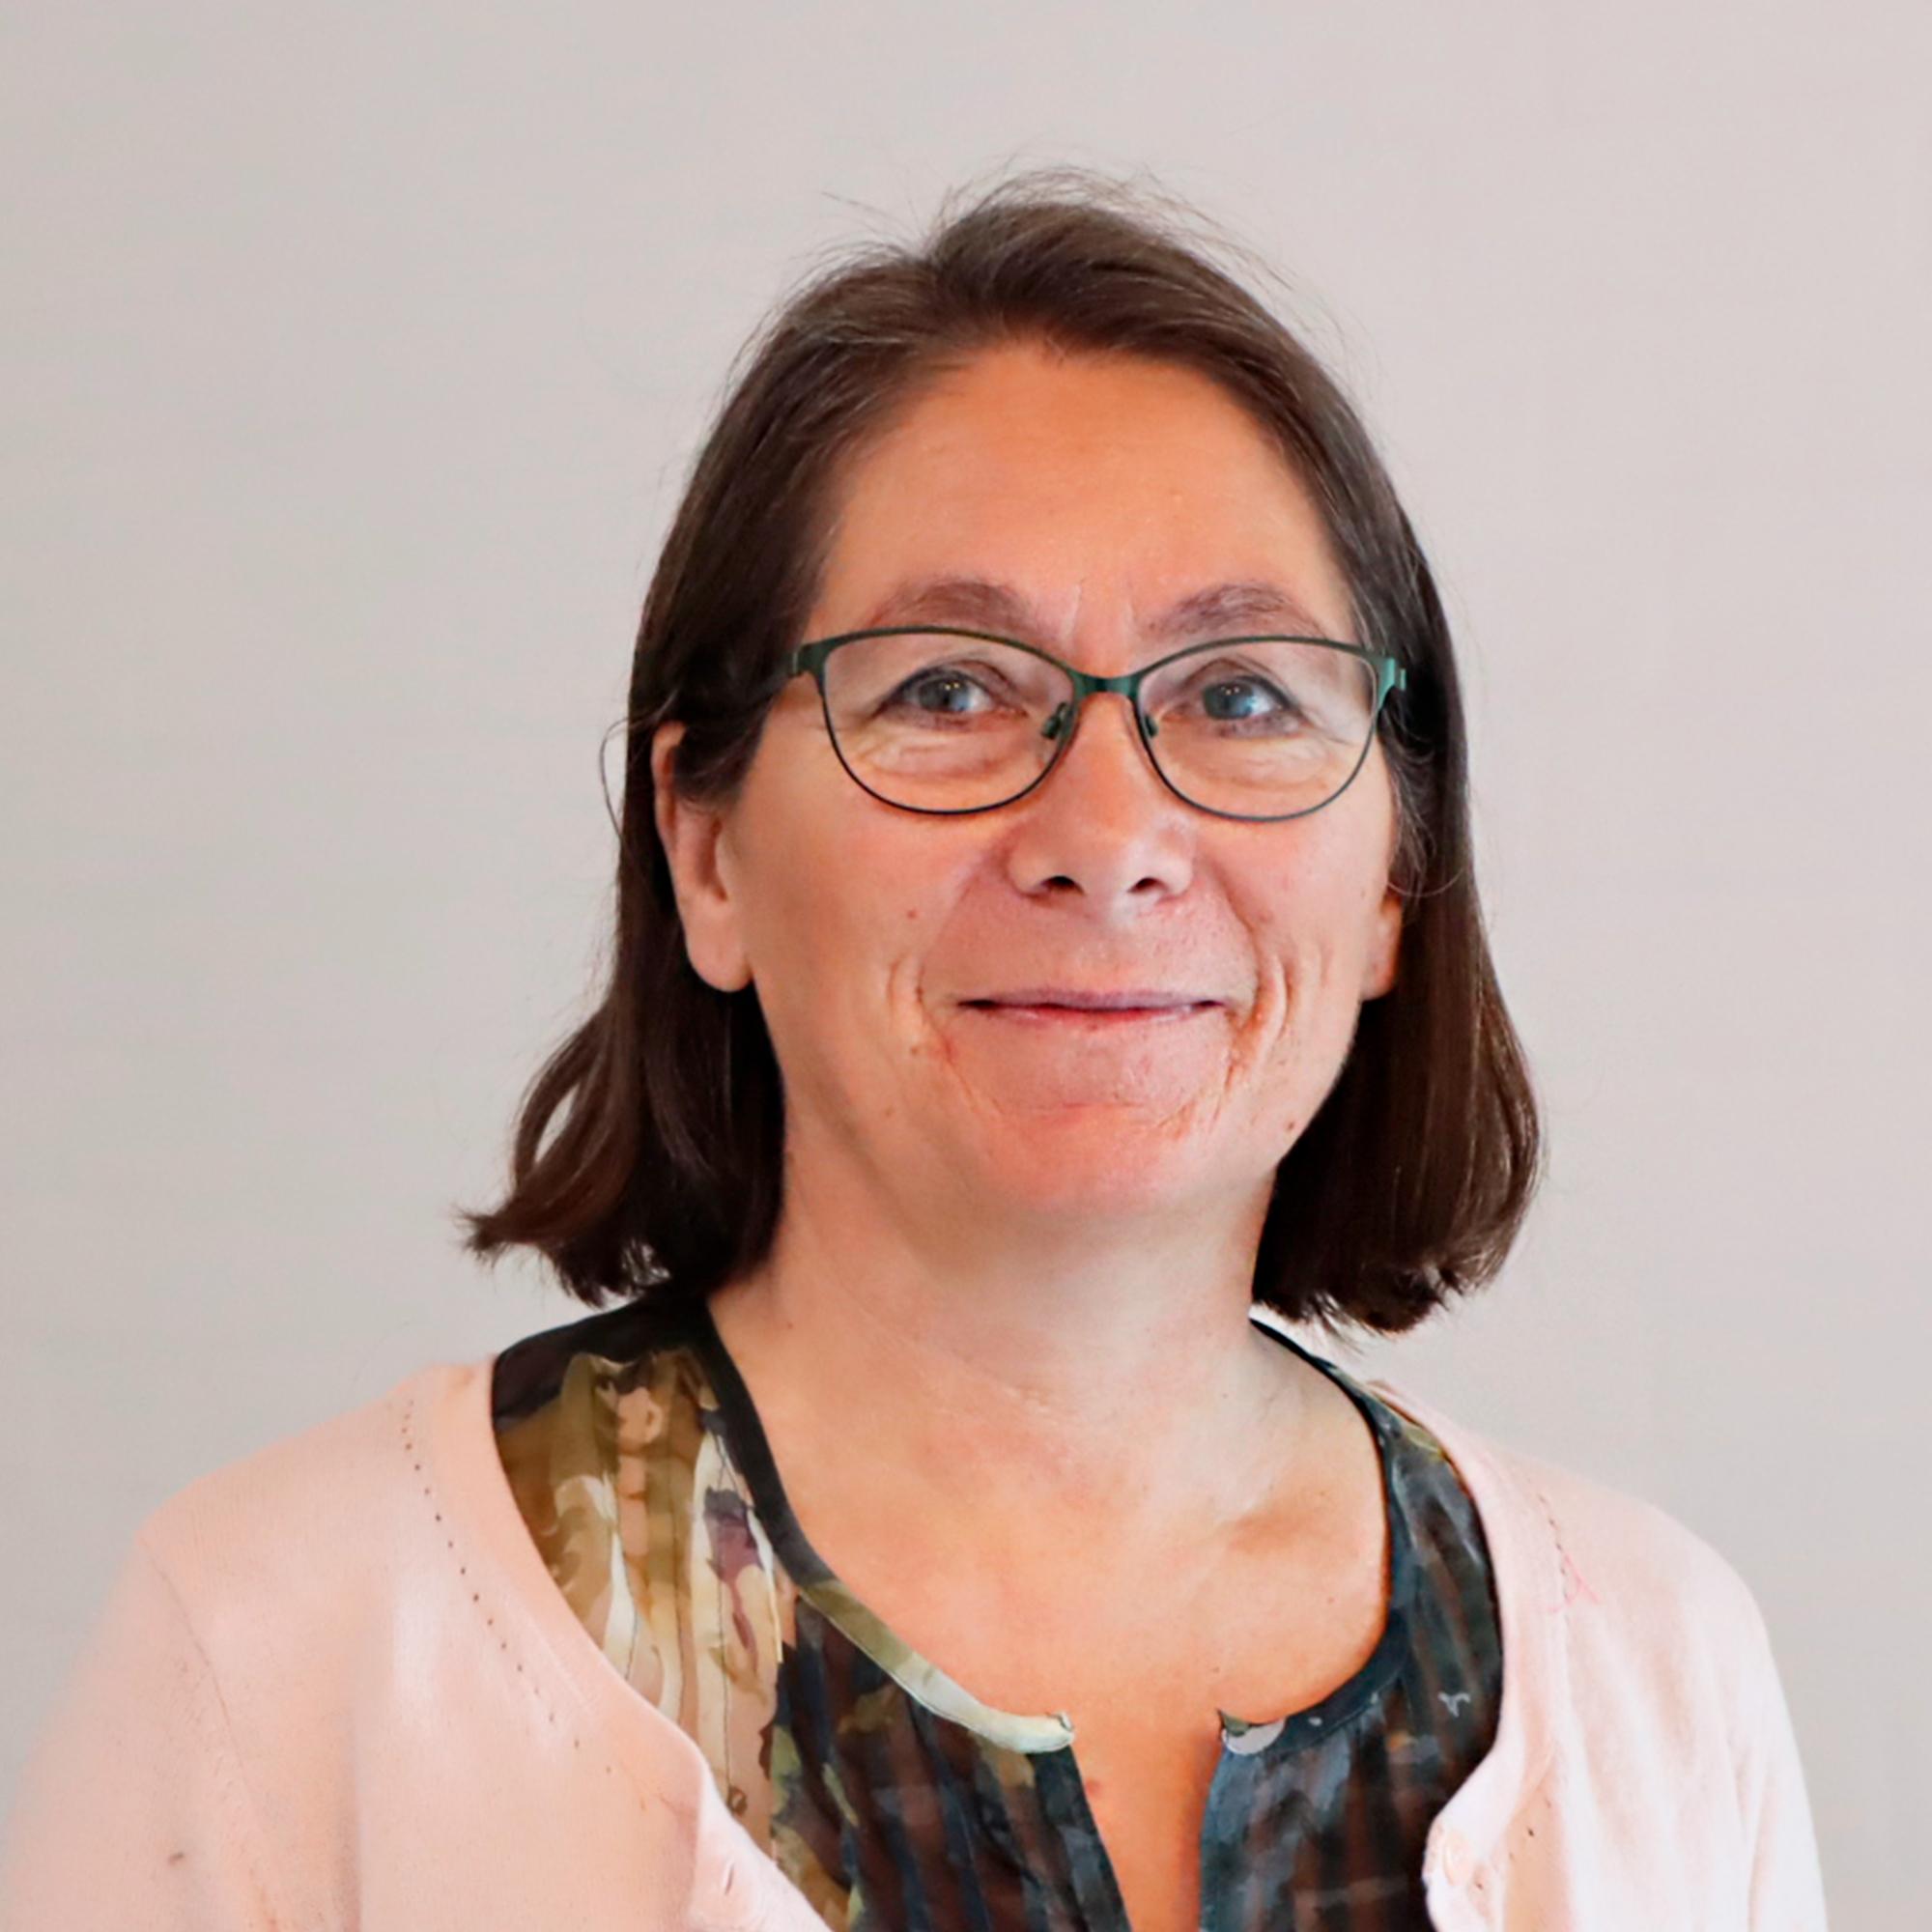 Marianne Lorenzen